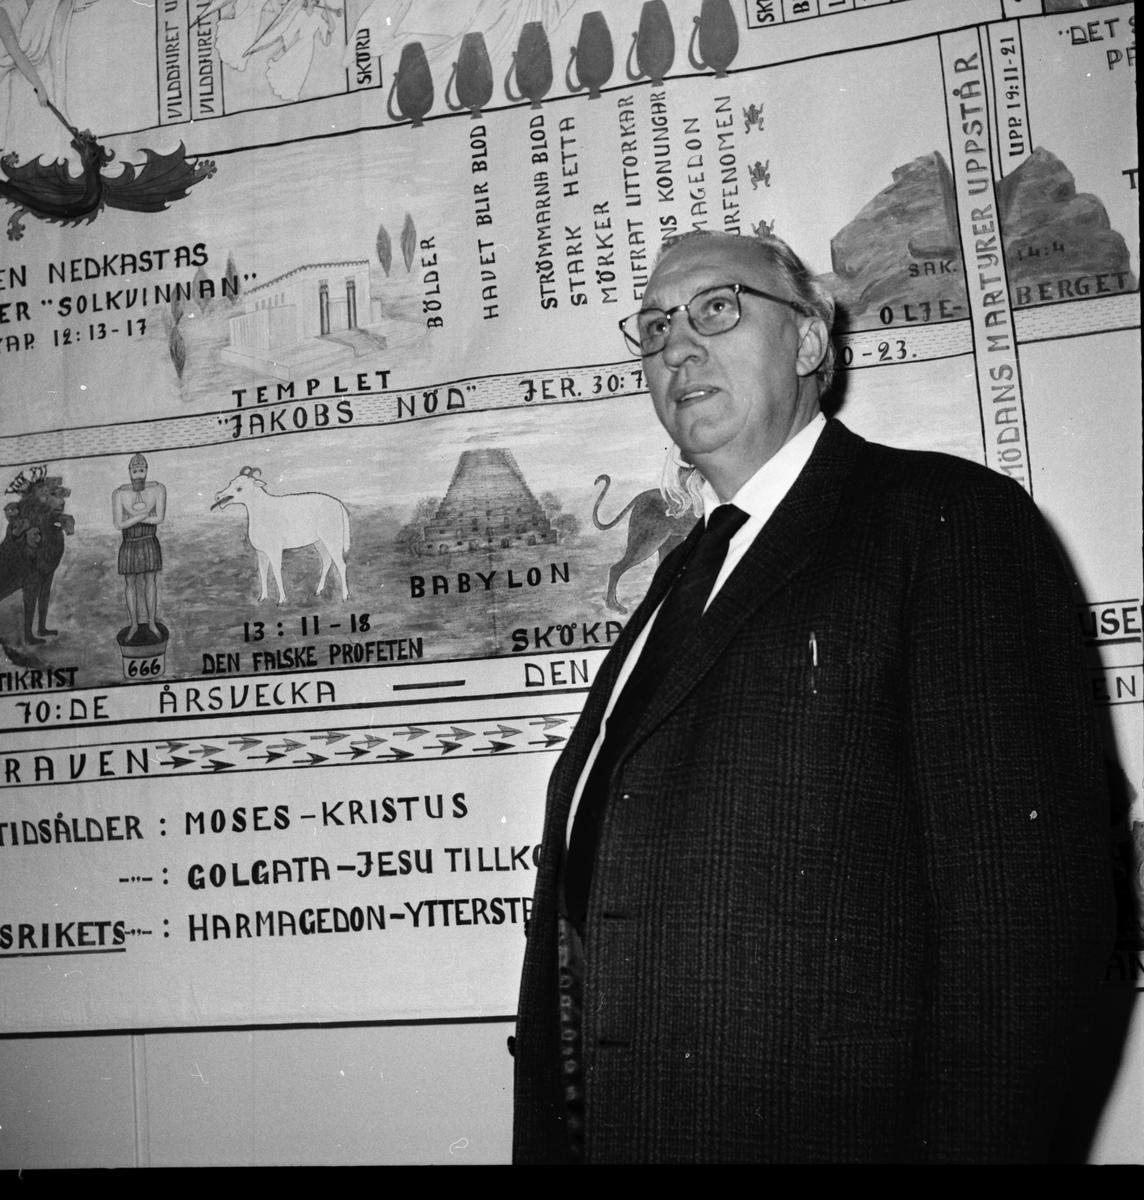 Arbrå, Filadelfia-profet, Nov. 1969